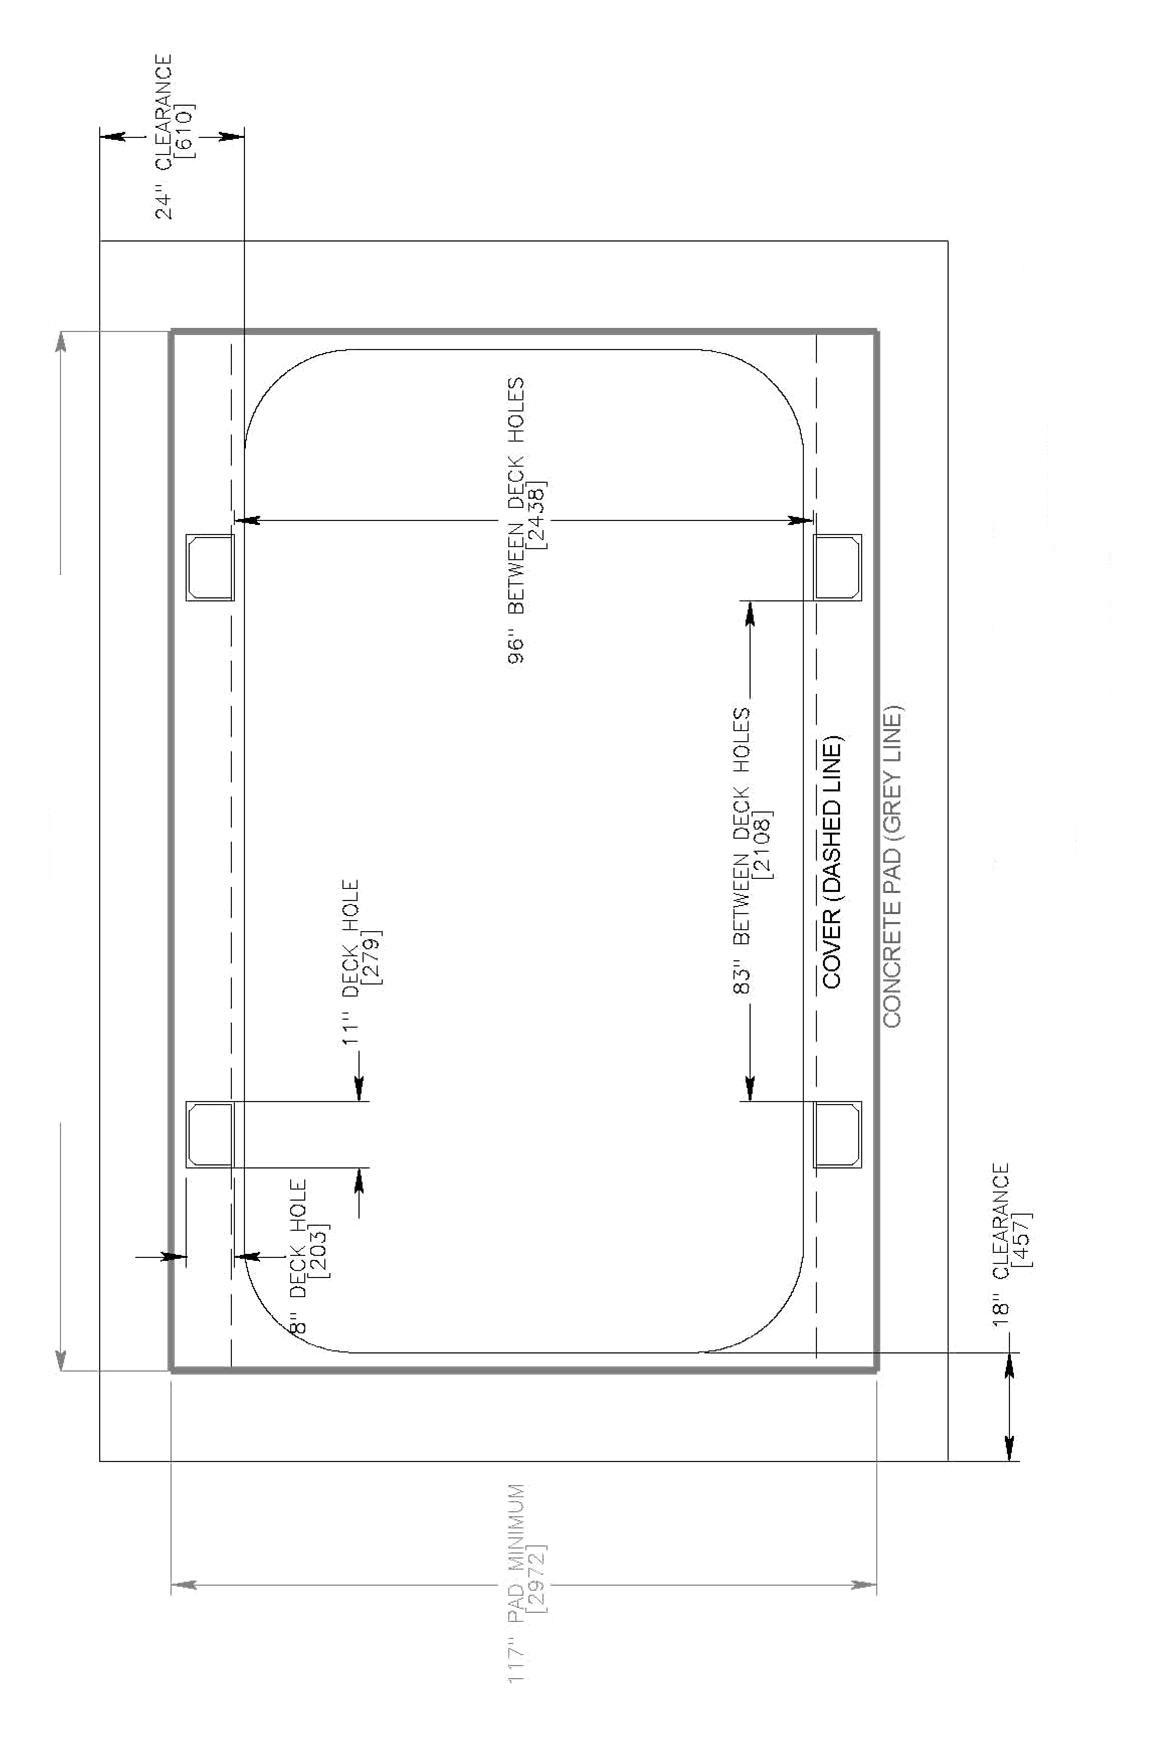 Covana Legend Swim Spa footprint